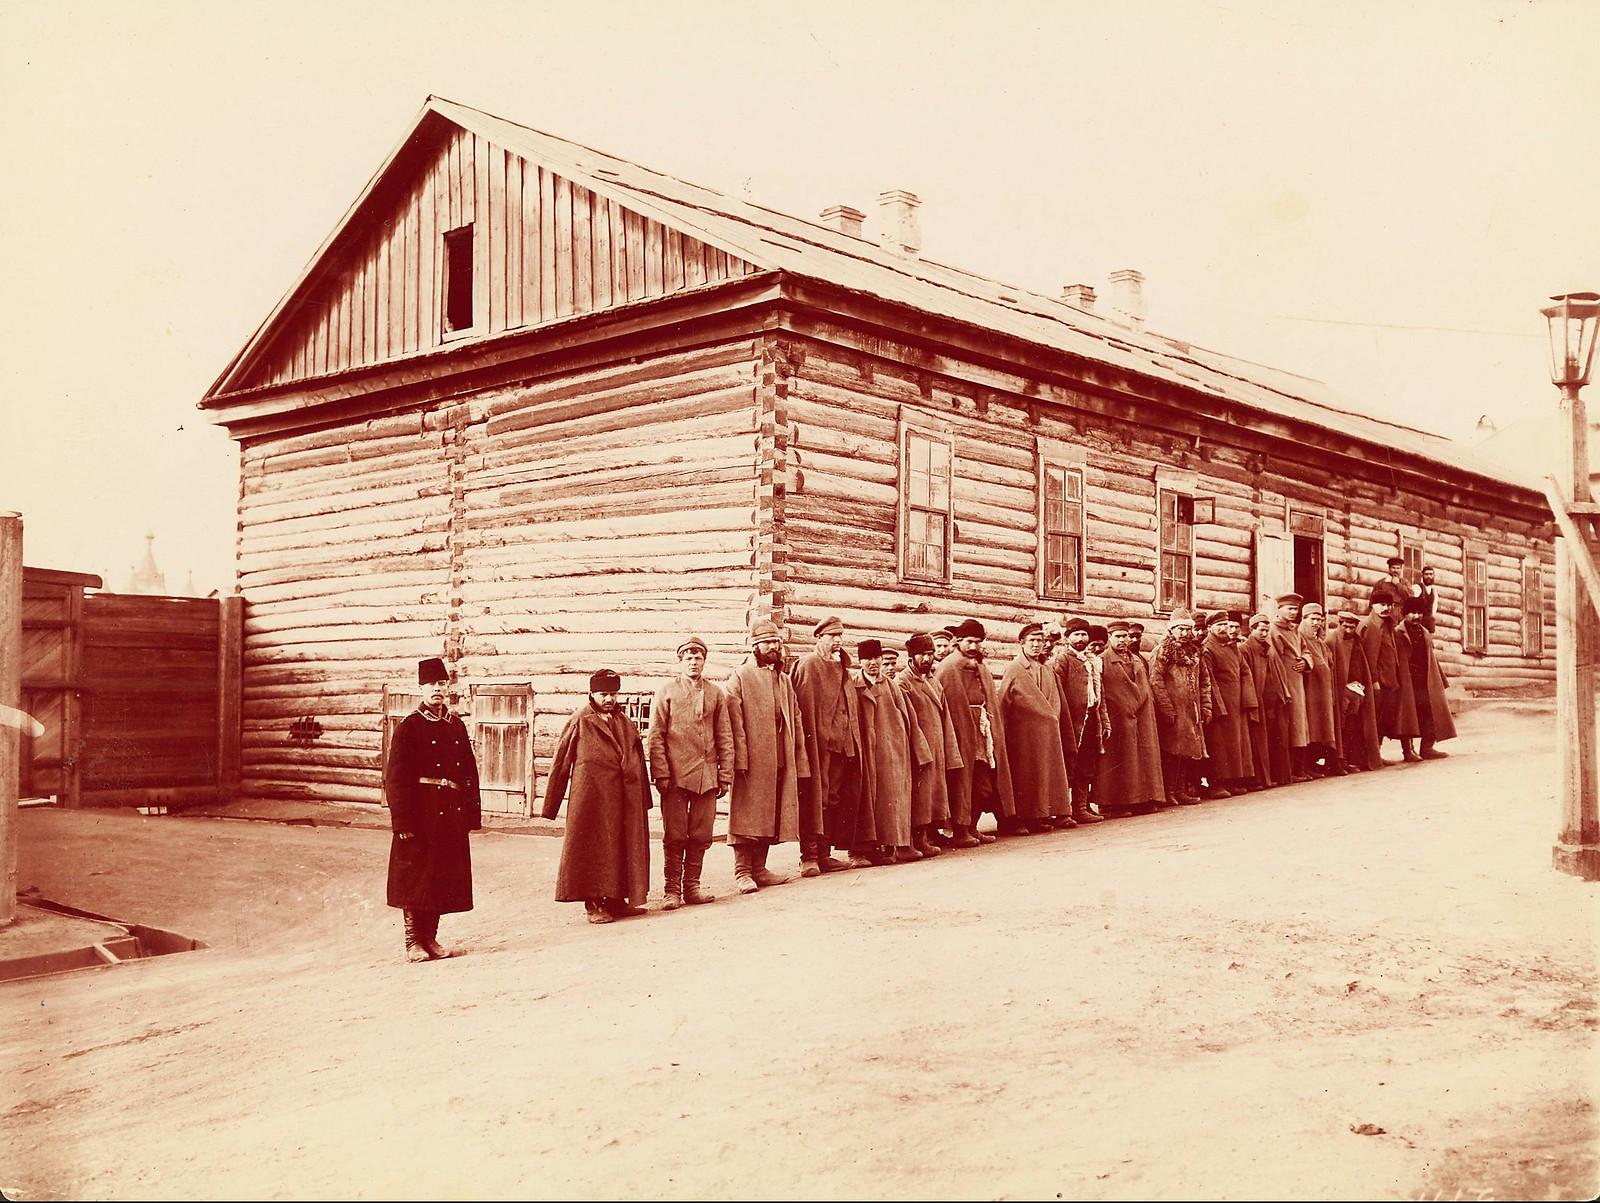 Хабаровск. Осужденные выстроились в очередь за своим бараком